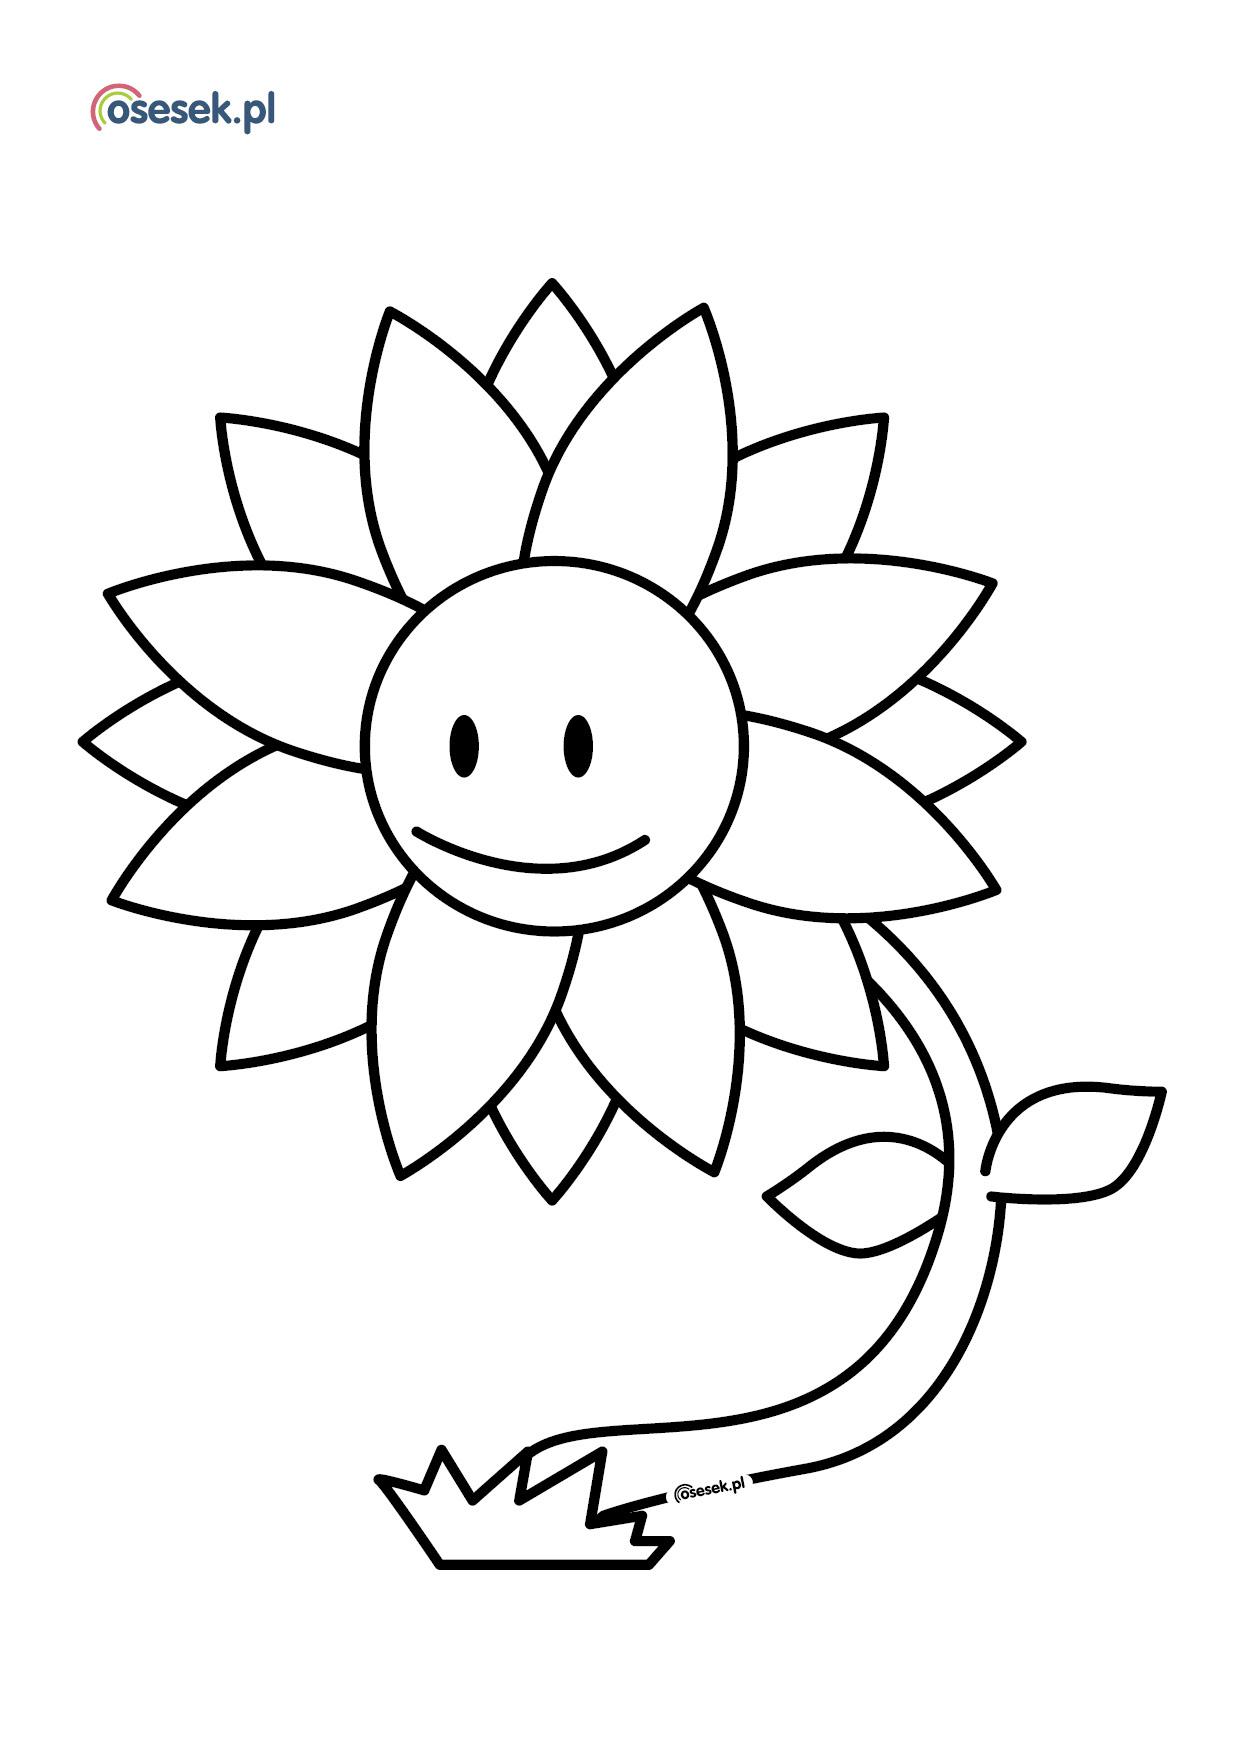 Wesoly Kwiatek Kolorowanka Dla Dzieci Do Druku Osesek Pl